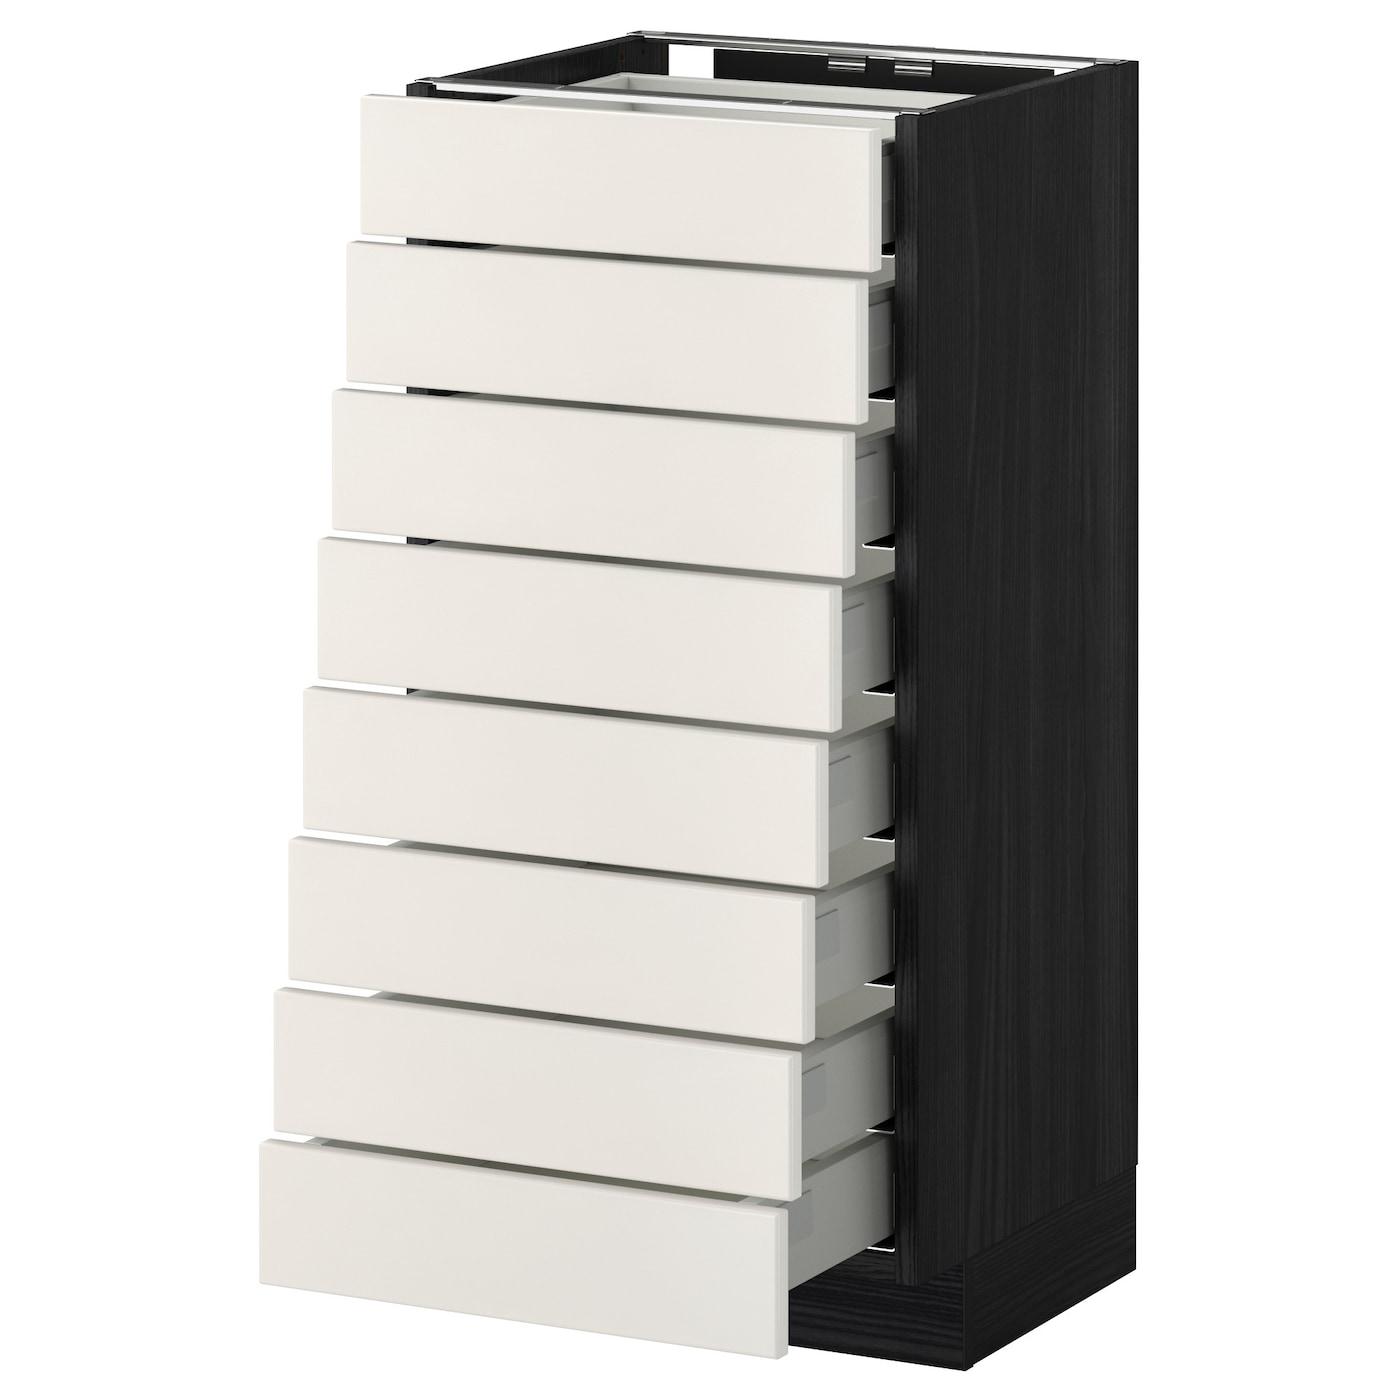 Metod Maximera Base Cabinet 8 Fronts 8 Low Drawers Black Veddinge White 40x37 Cm Ikea